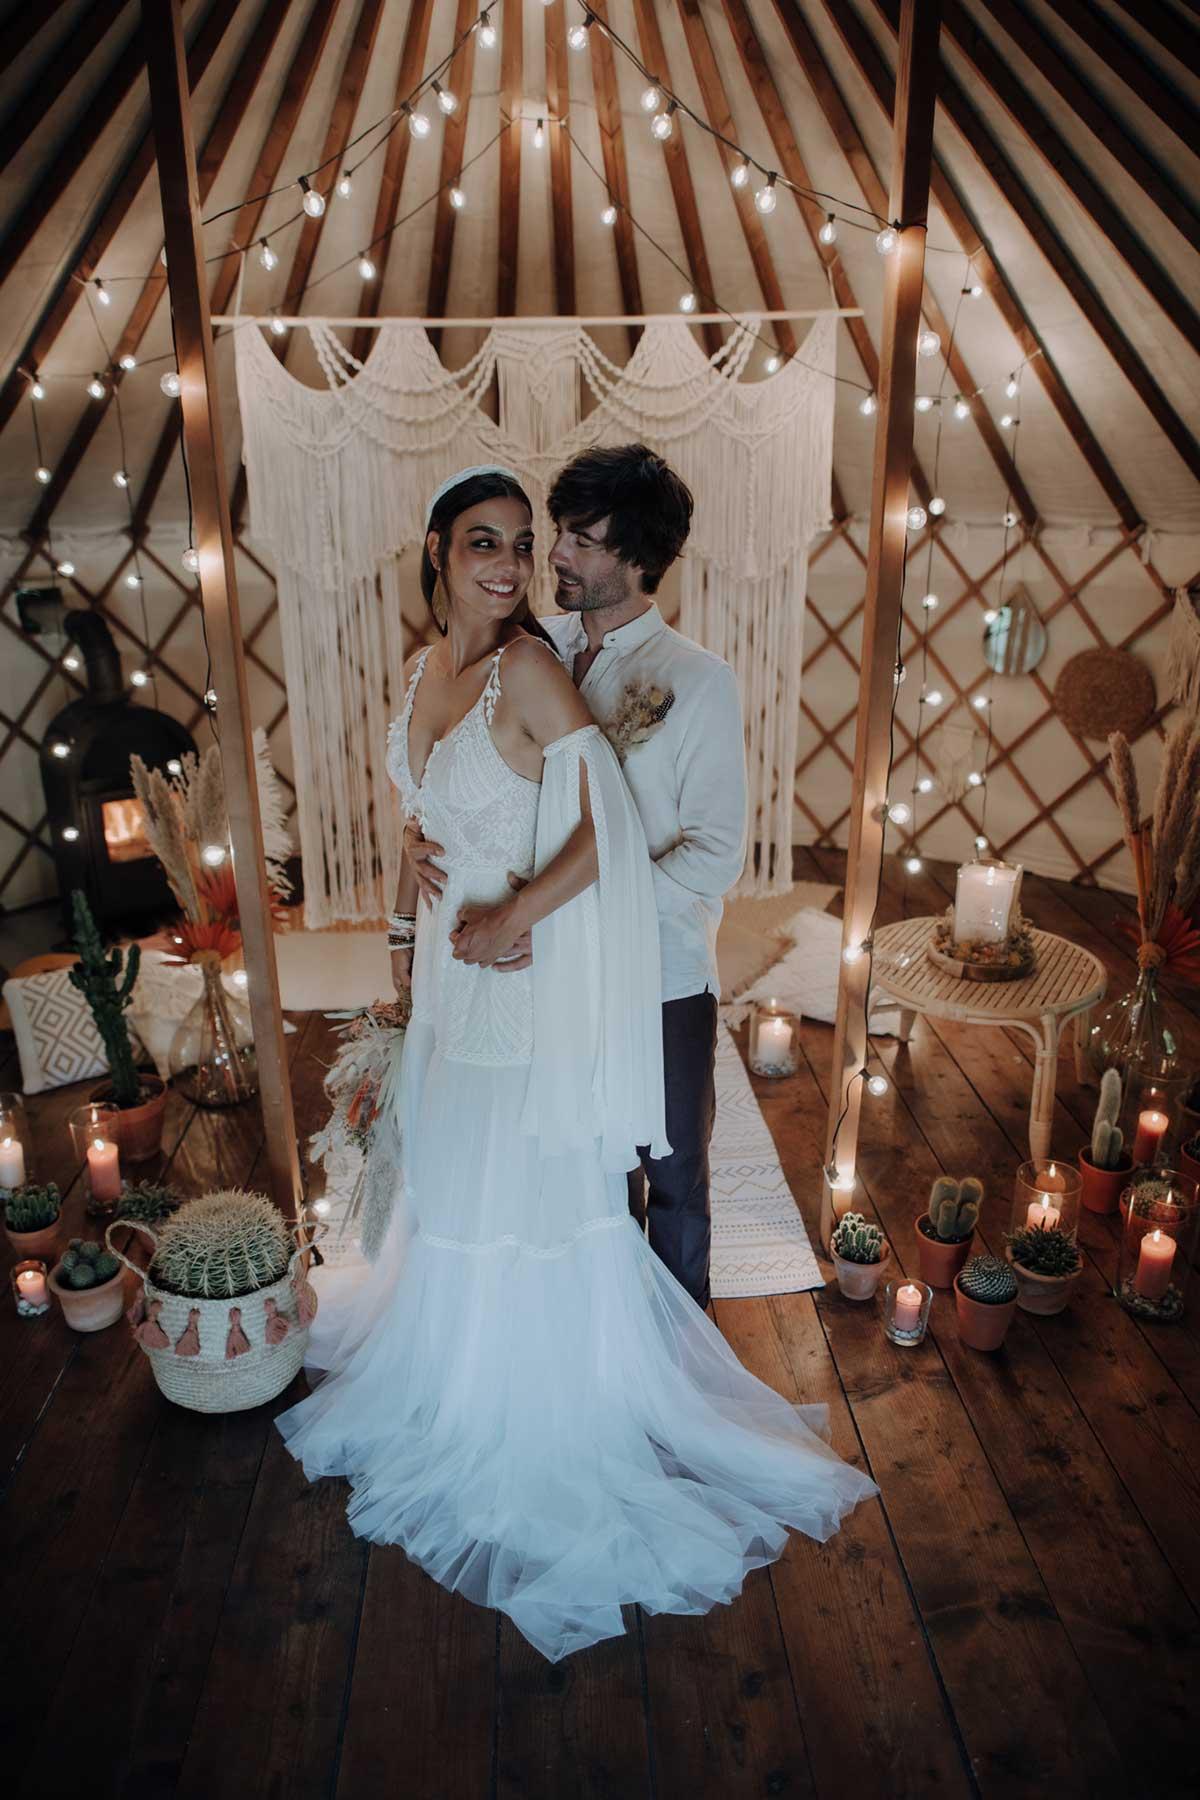 Braut und Bräutigam bei der Ethno-Chic Hochzeit